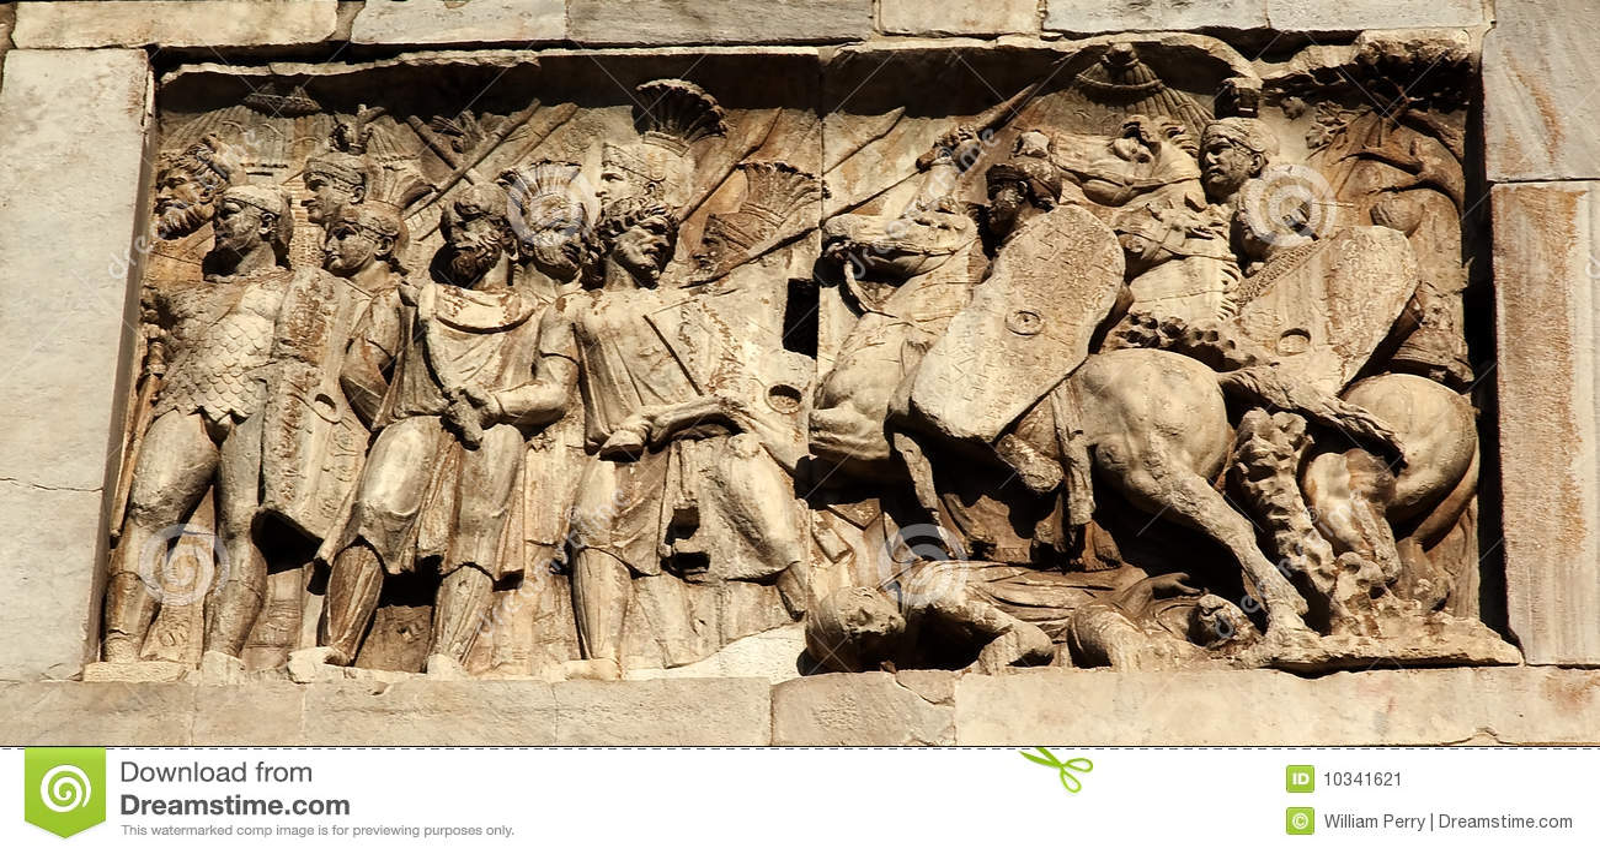 Details Constantine Arch Roman Soldiers Rome